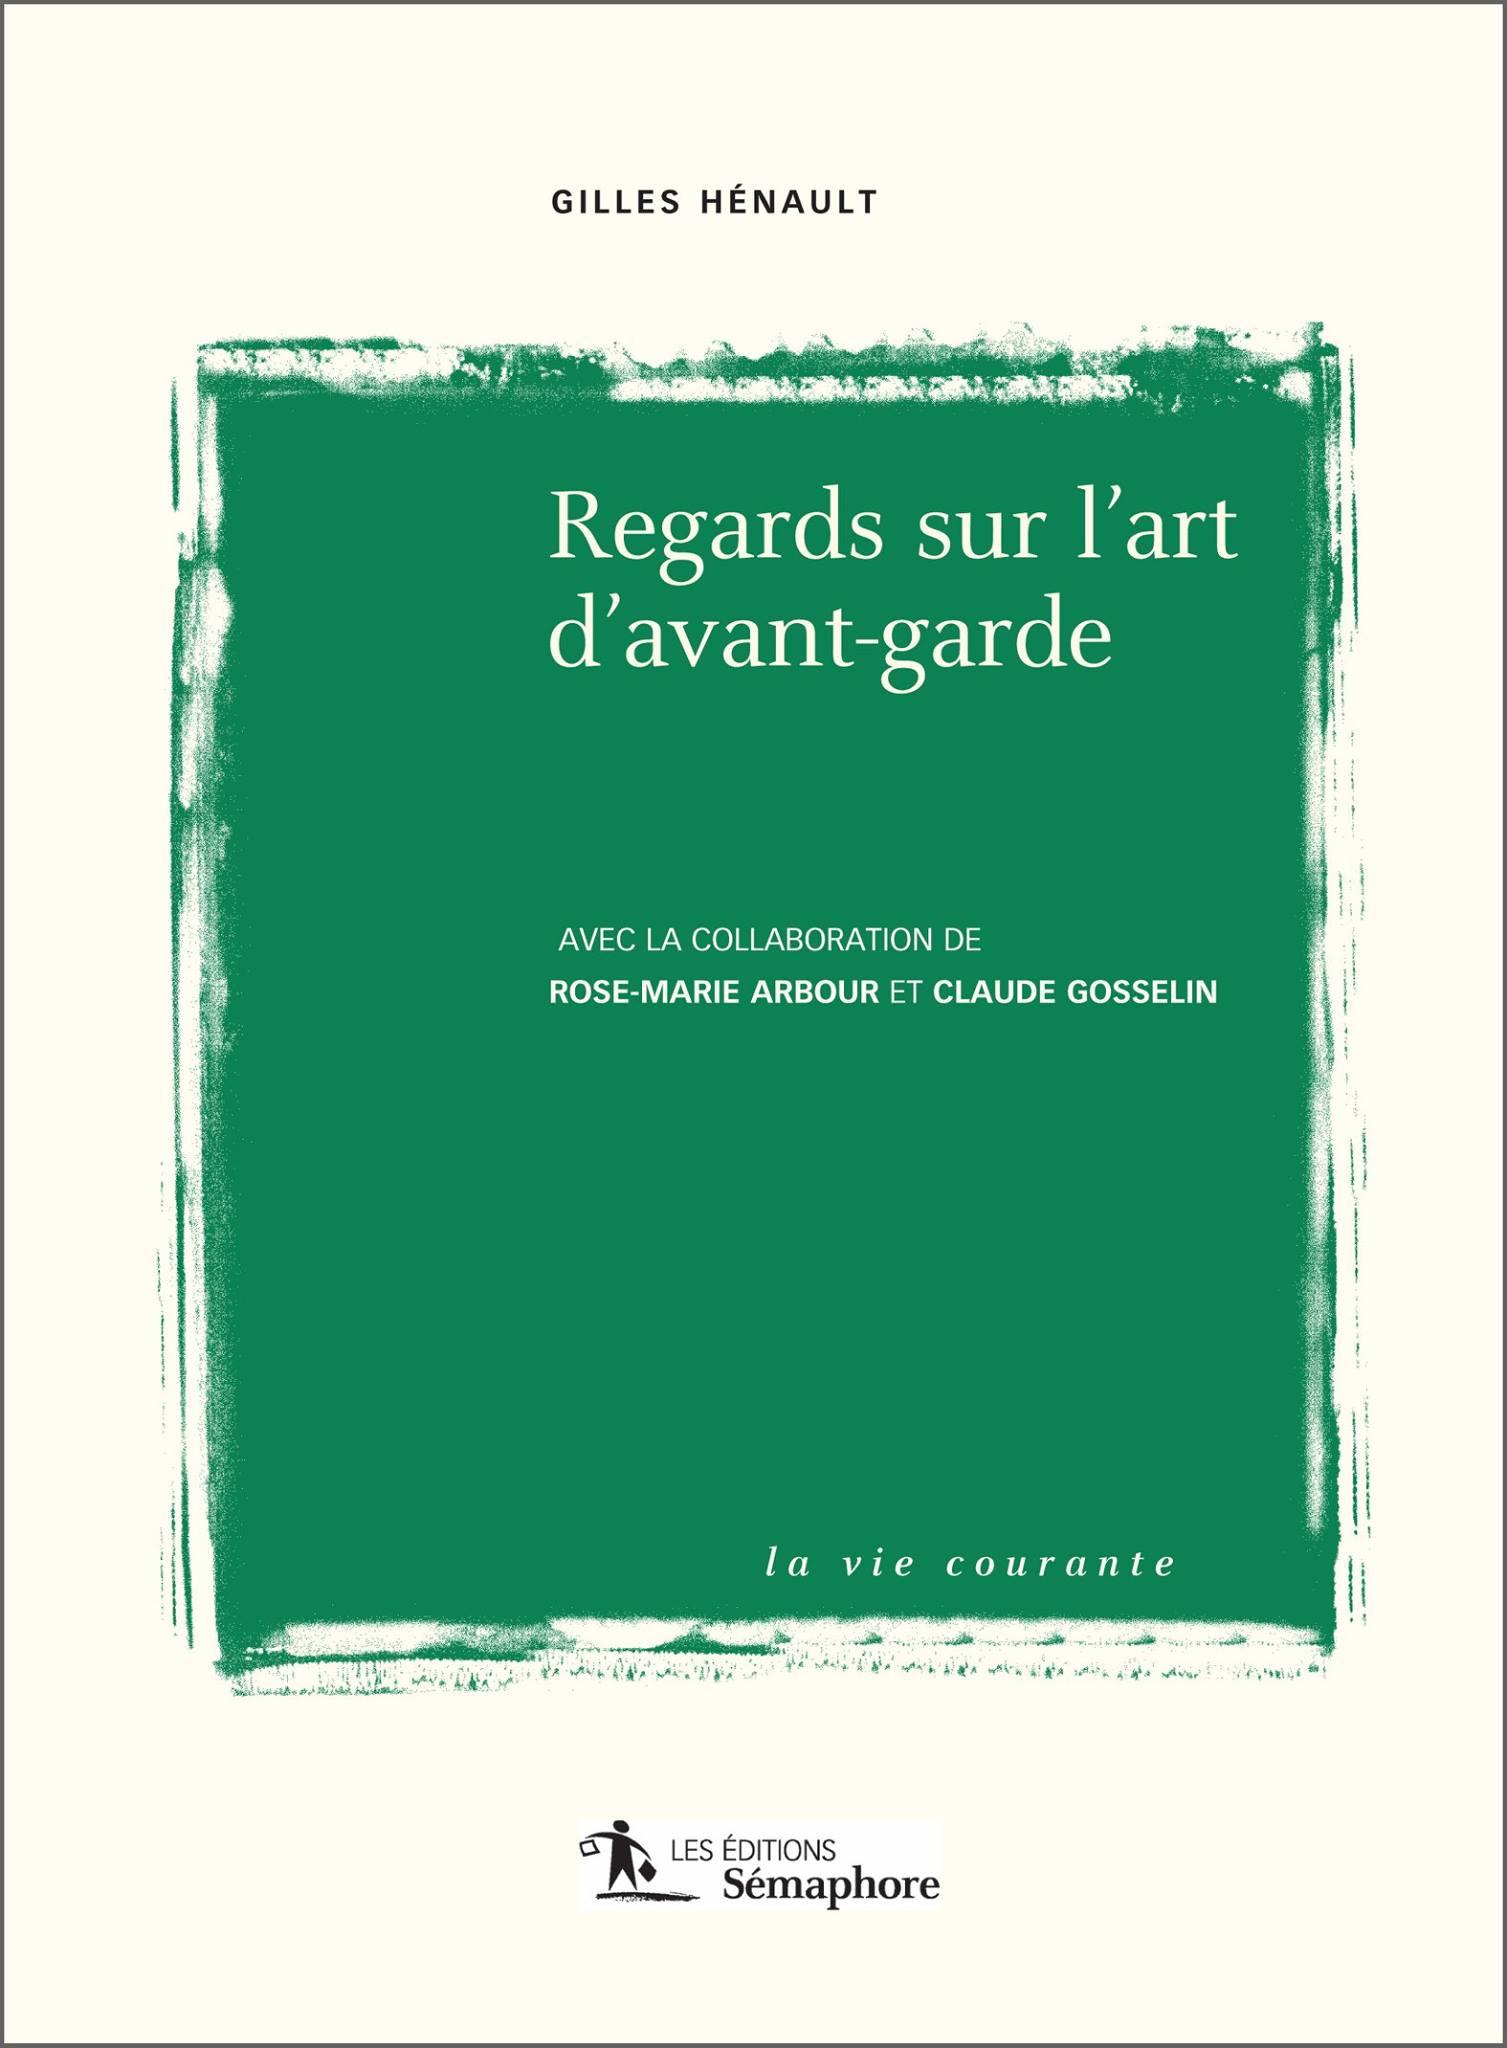 «Regards sur l'art d'avant-garde» de Gilles Hénault, un ouvrage essentiel portant sur l'art moderne.… (via facebook)